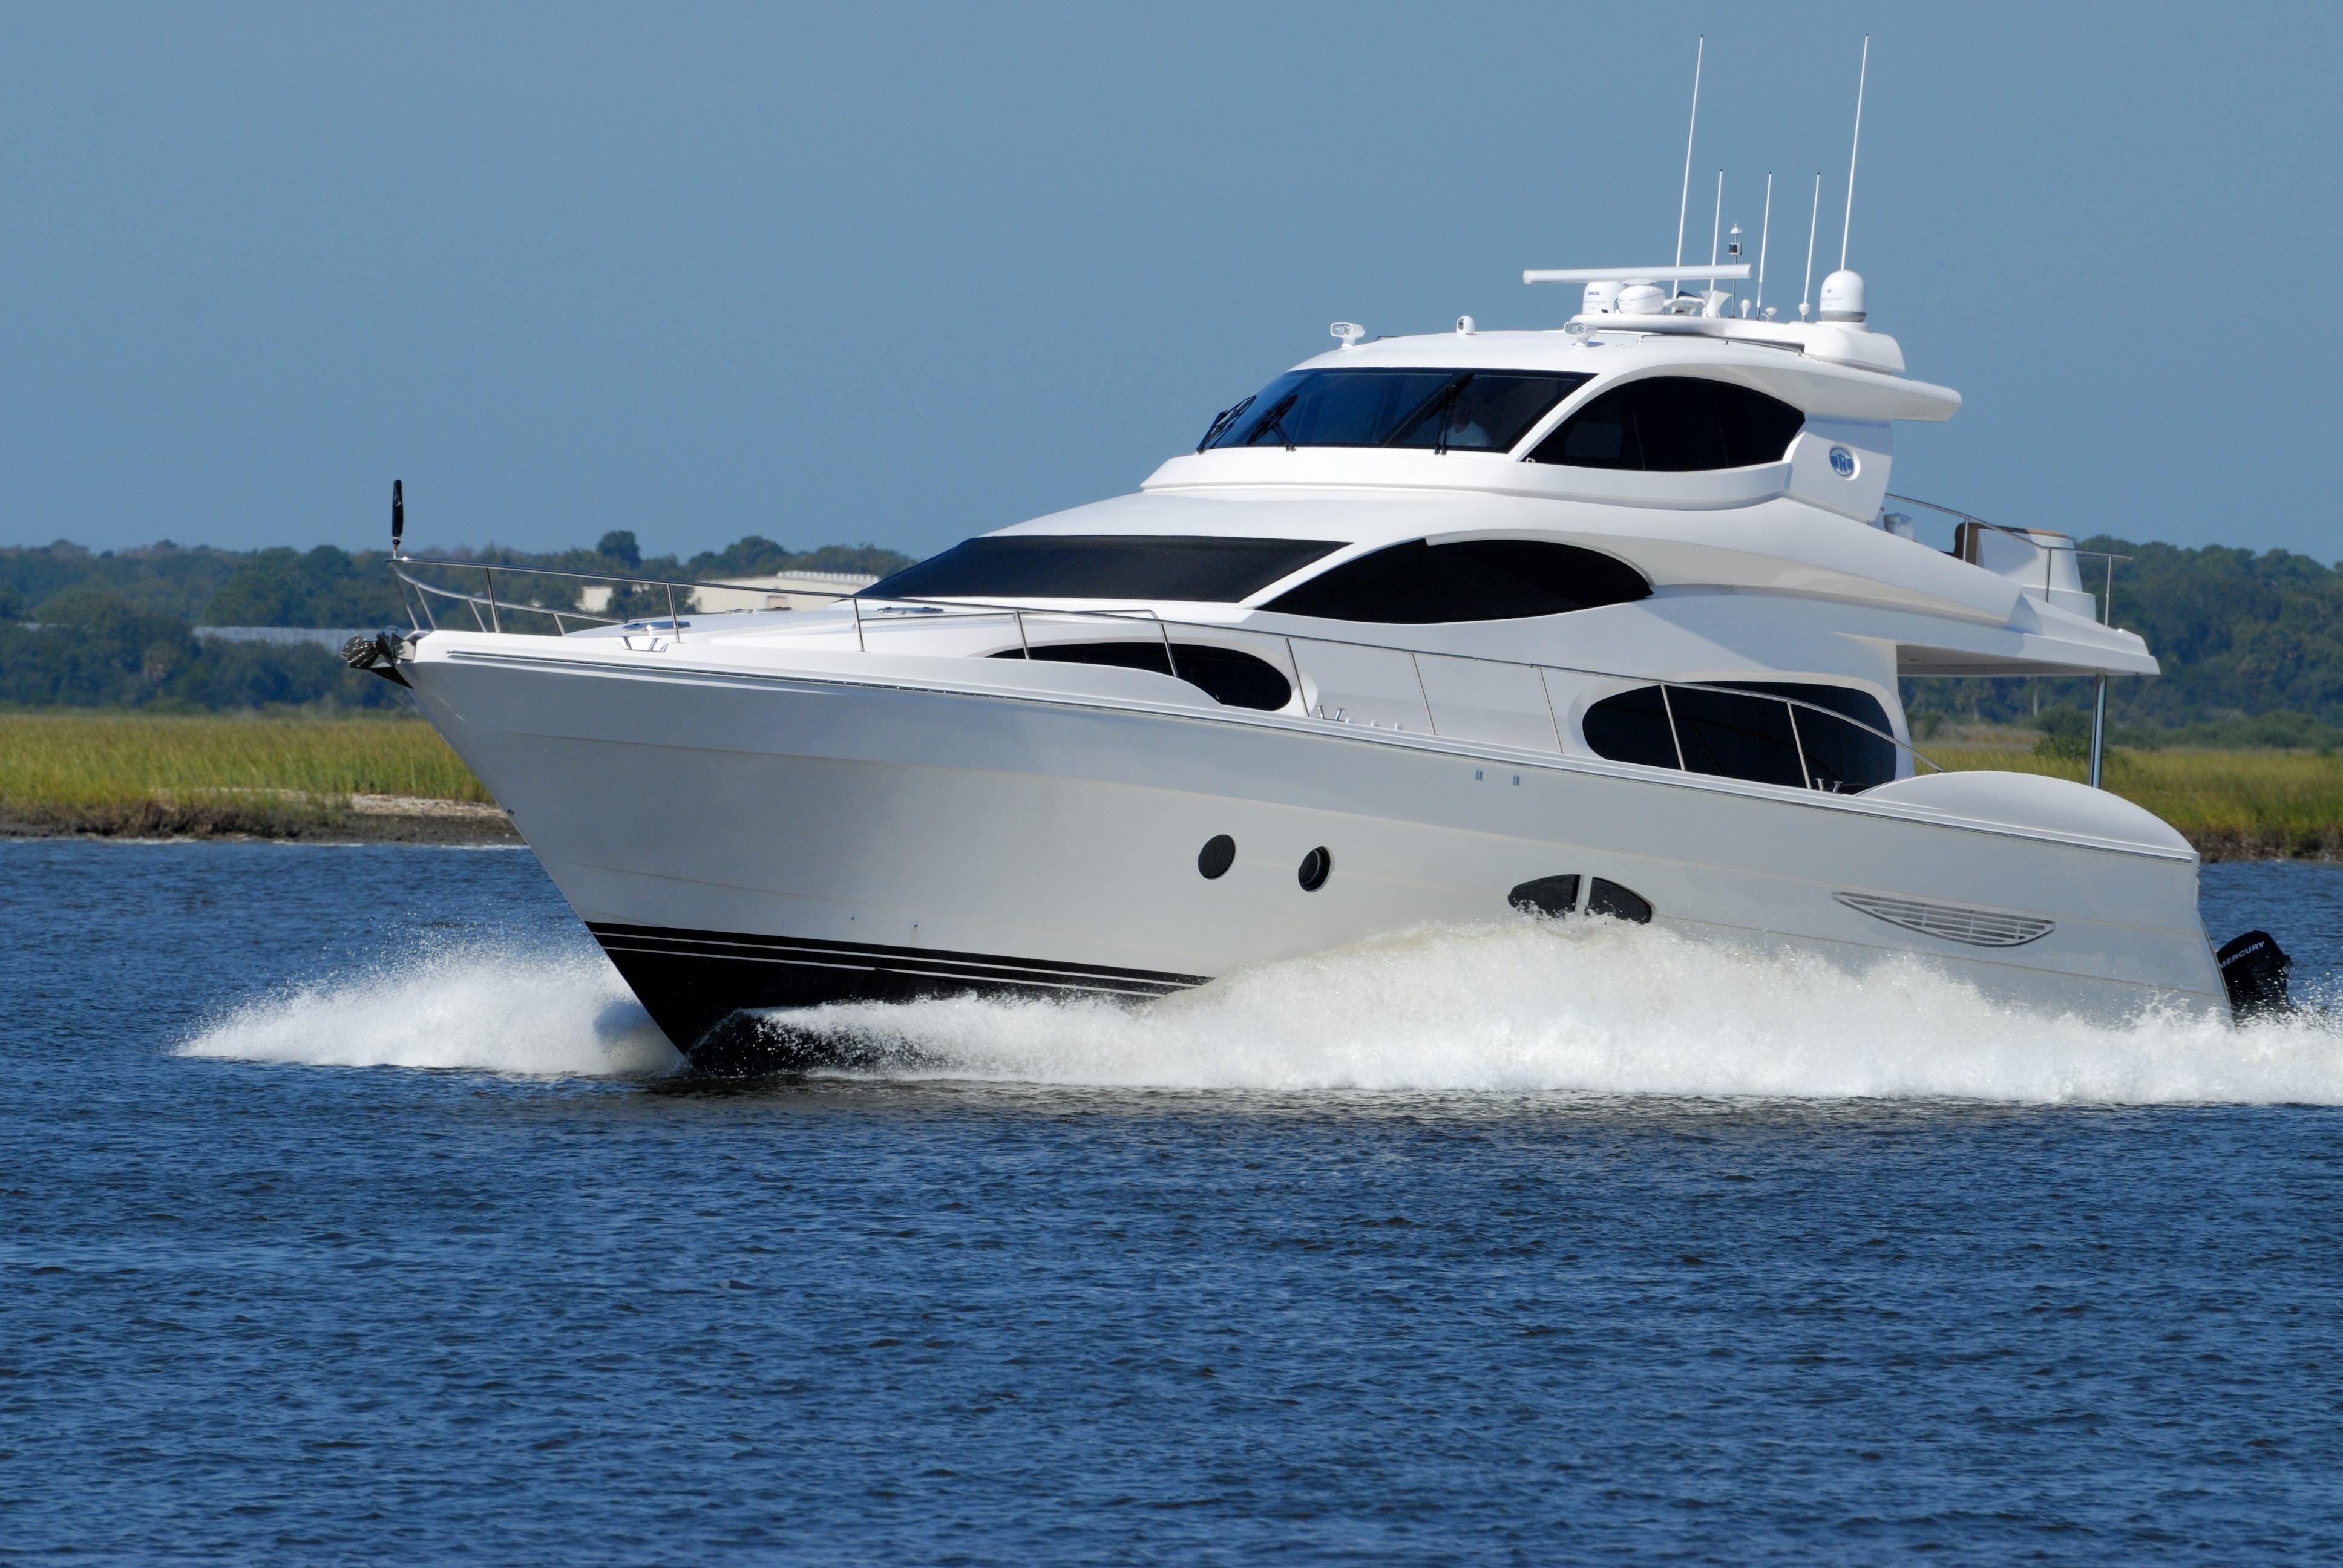 le monte carlo yachts mcy105 cm nautisme assurez votre bateau en ligne. Black Bedroom Furniture Sets. Home Design Ideas